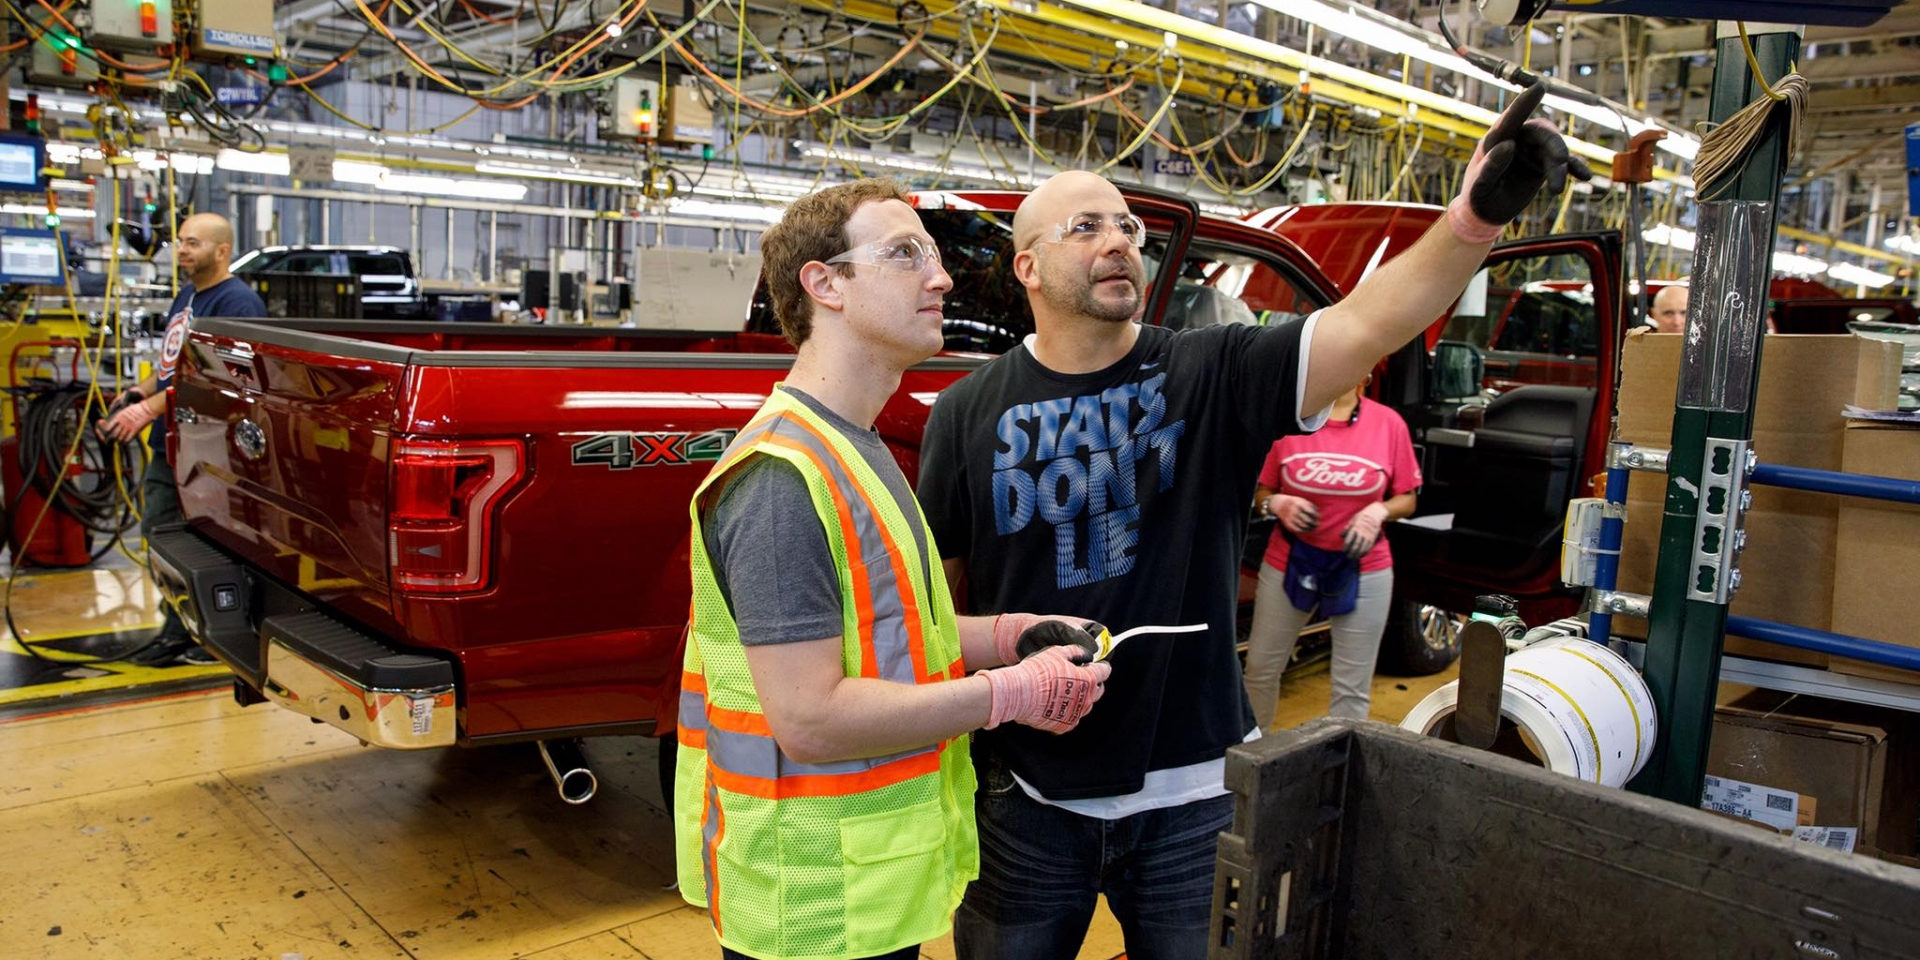 網路泡沫再現?臉書創辦人到FORD生產線當組裝工人